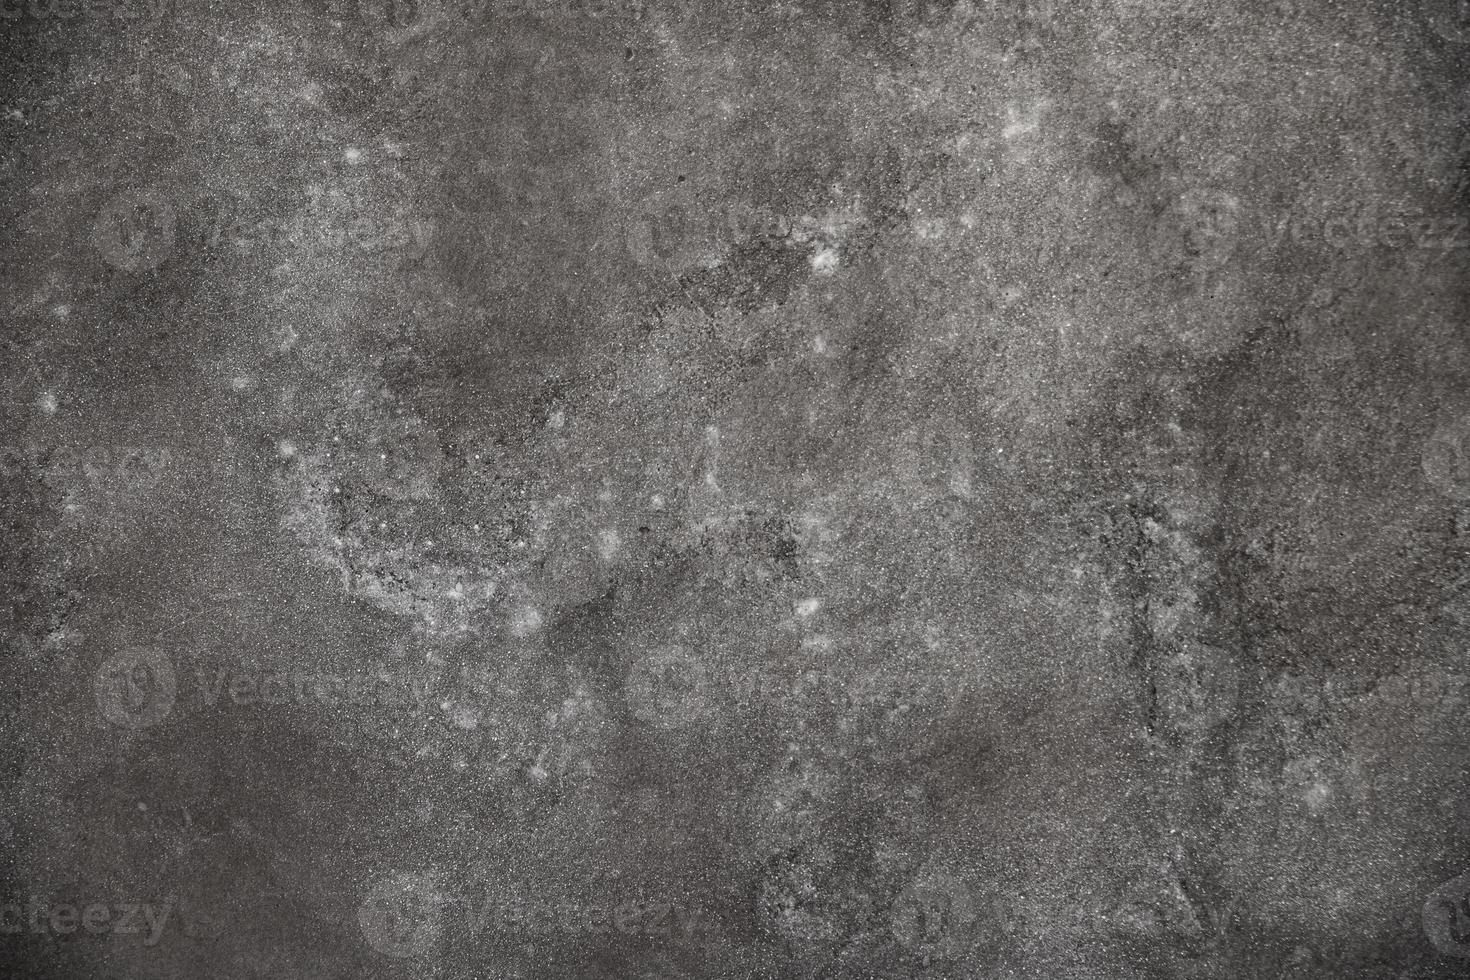 cópia espaço pintado com fundo de parede de concreto cinza claro foto